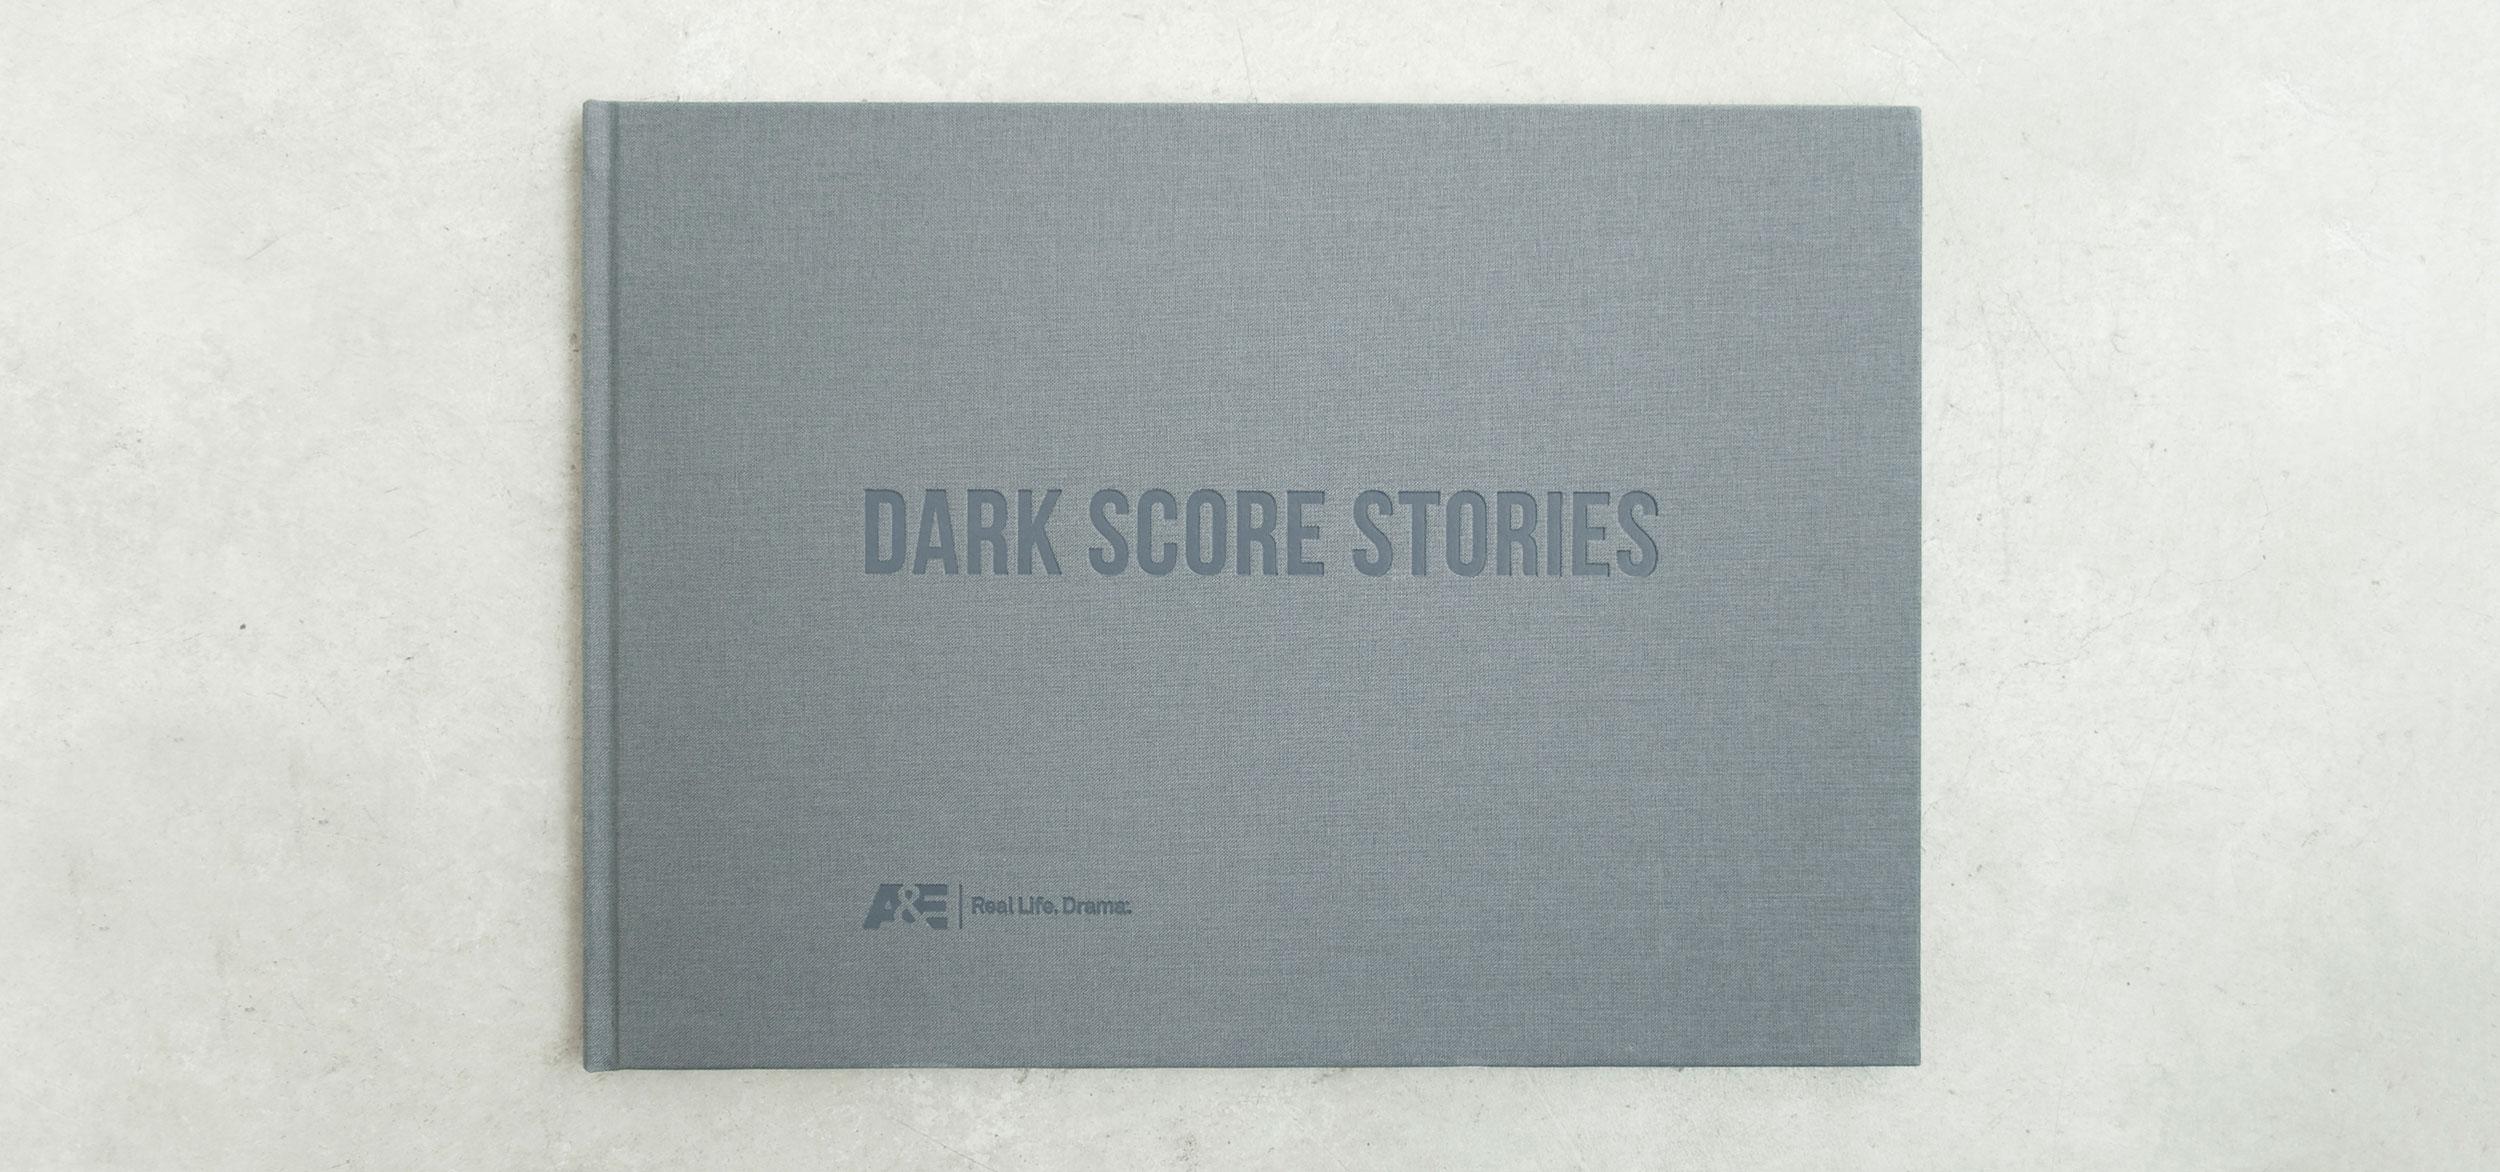 DarkScoreStories_Cover.jpg